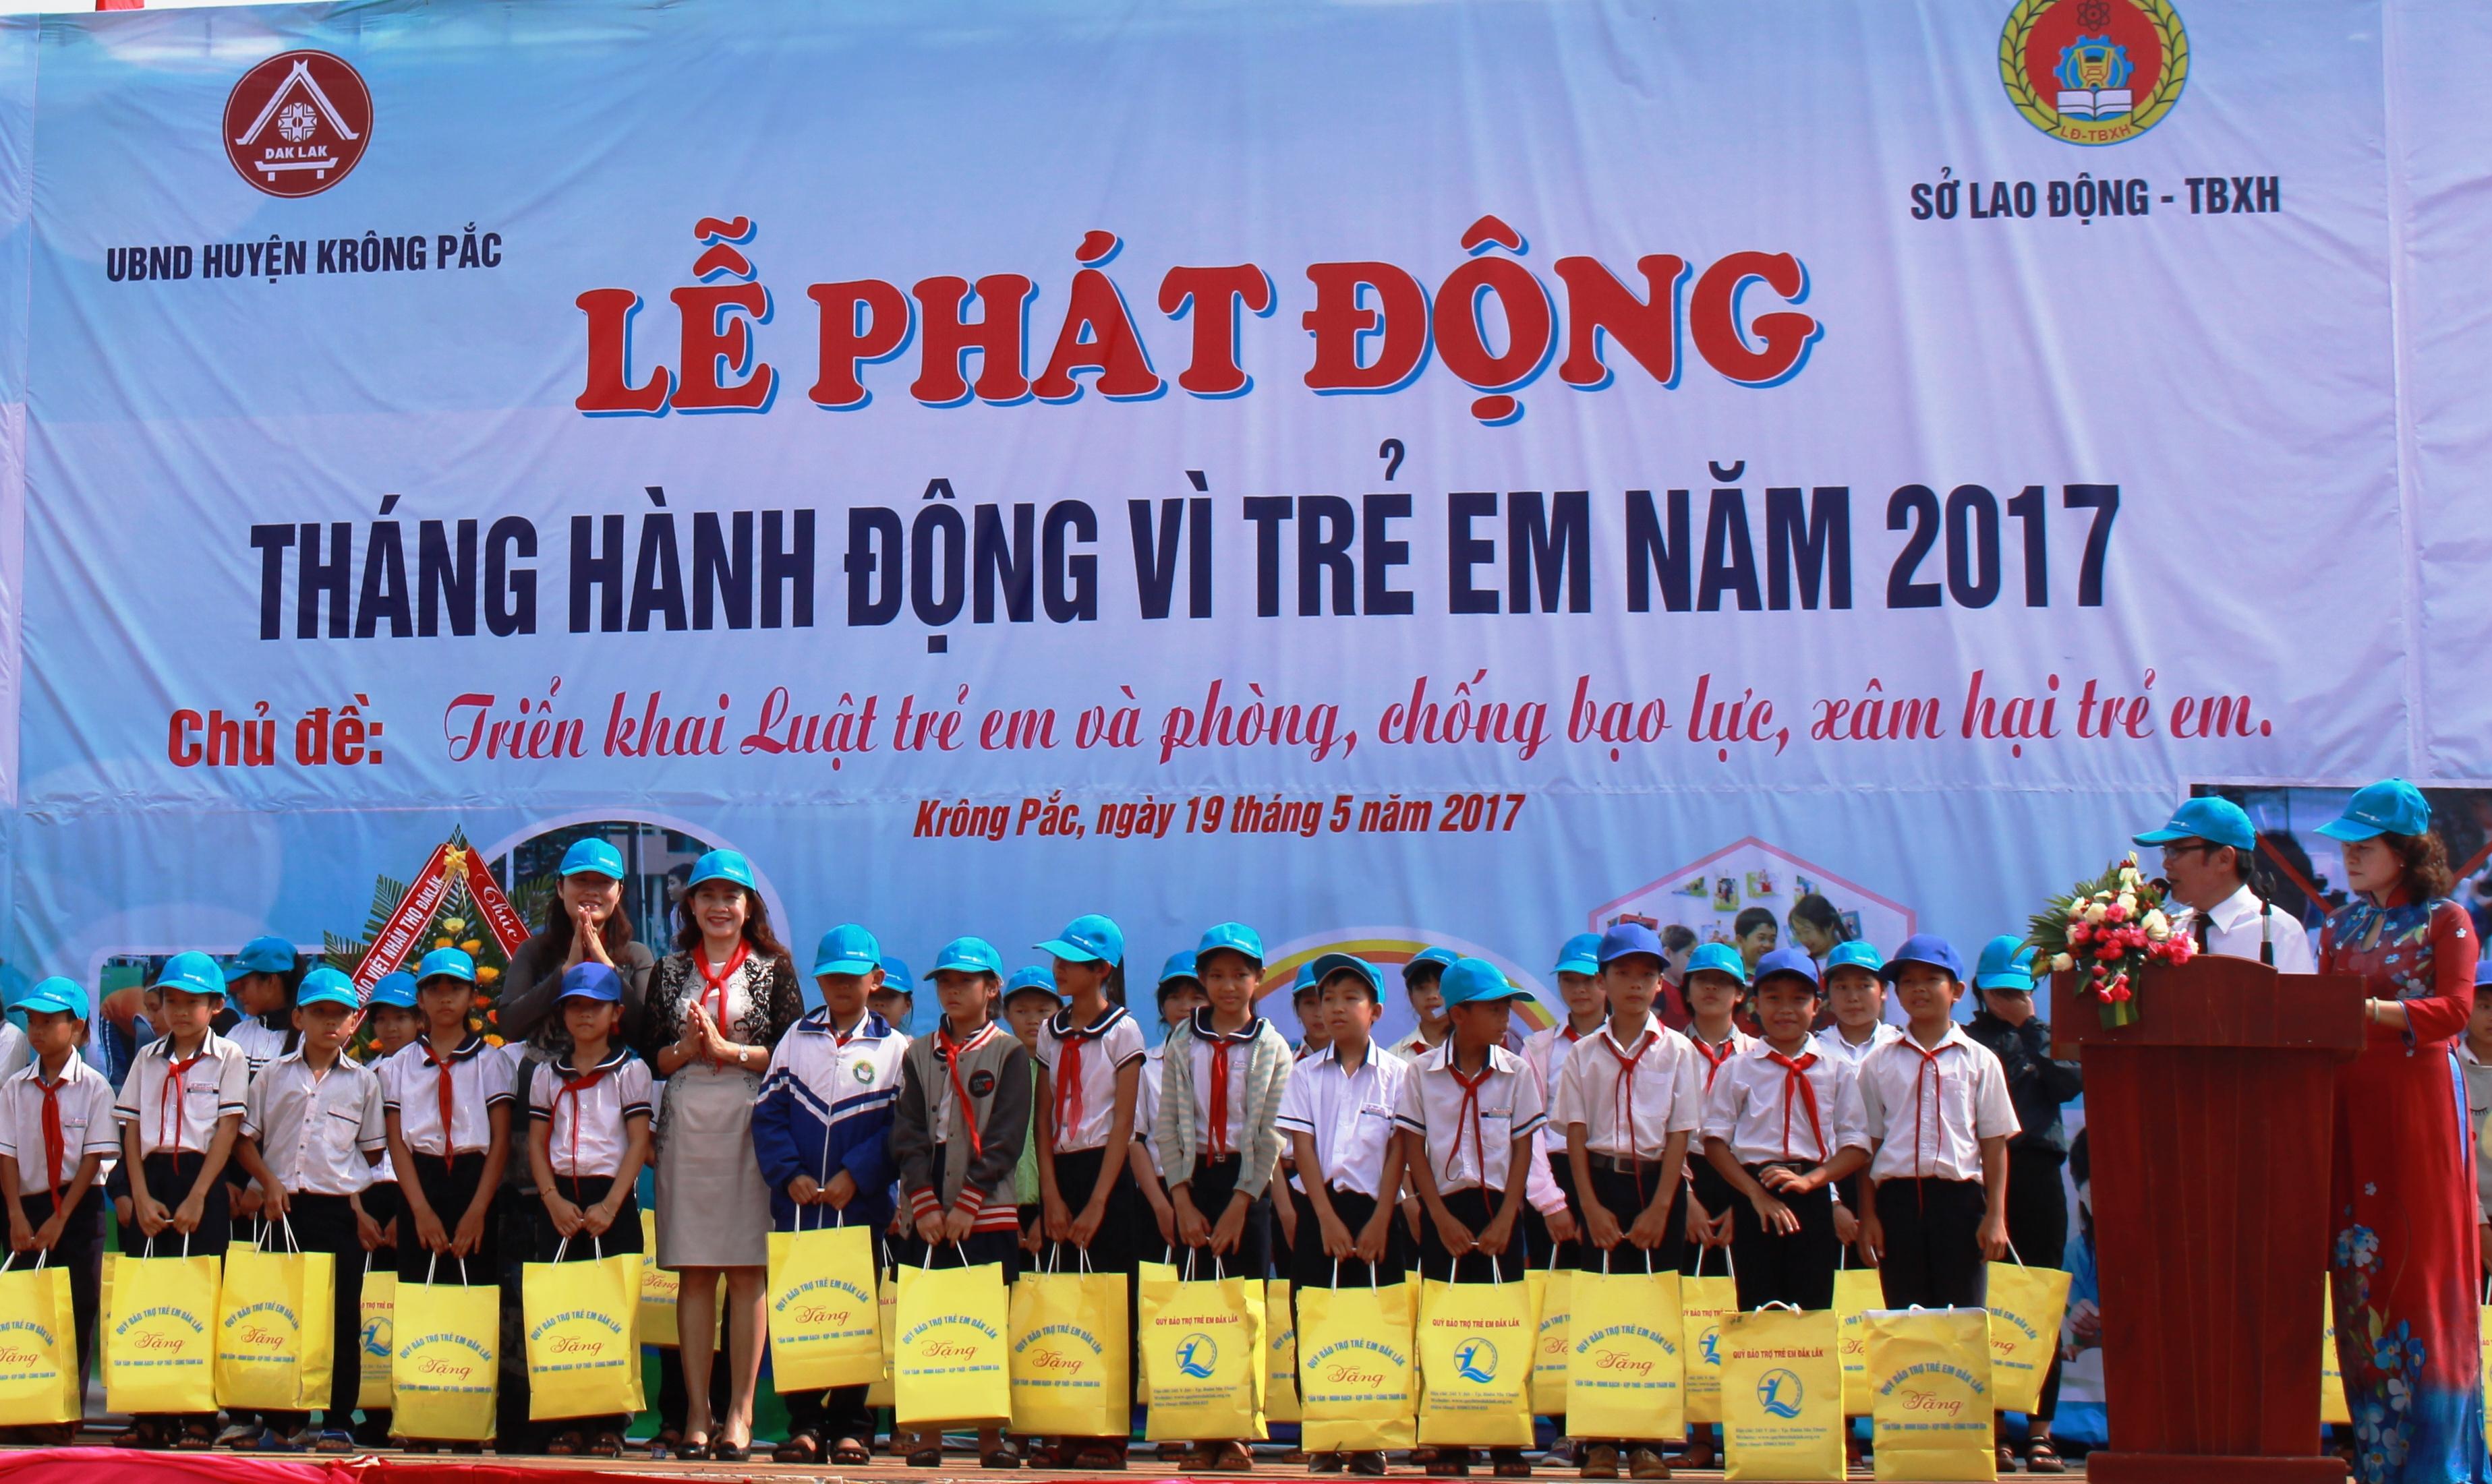 Lễ phát động Tháng hành động vì trẻ em năm 2017